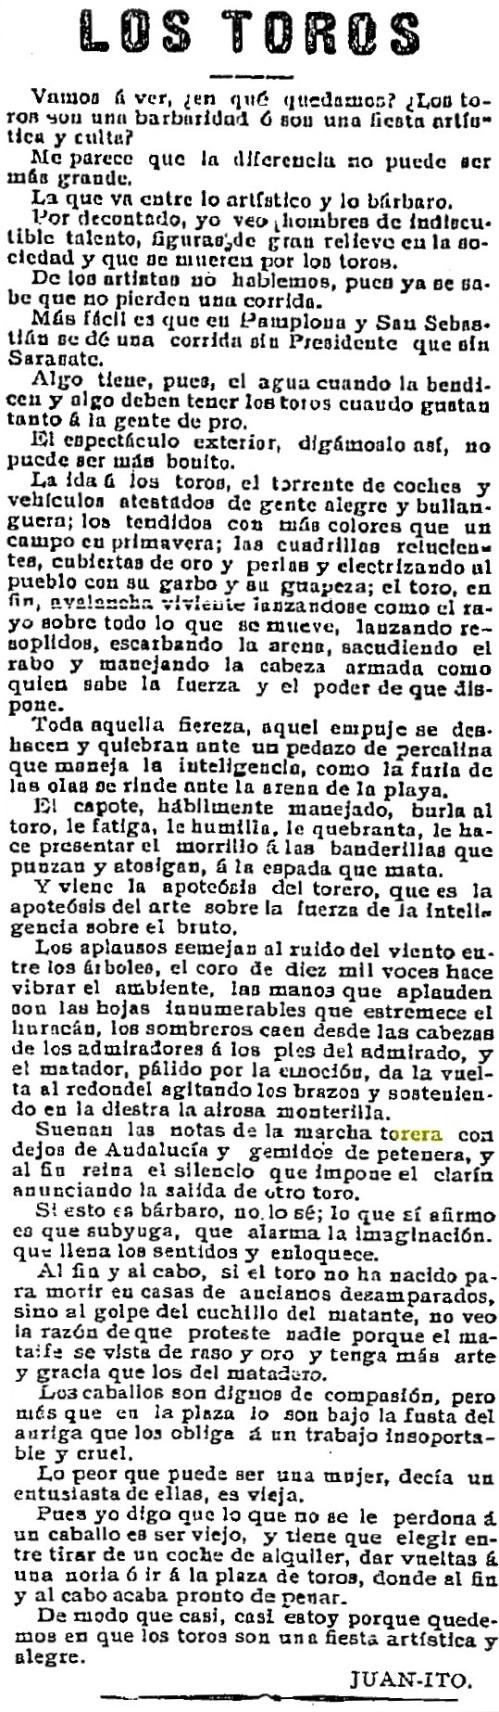 EL CORREO ESPAÑOL_24.10.1904_p. 1